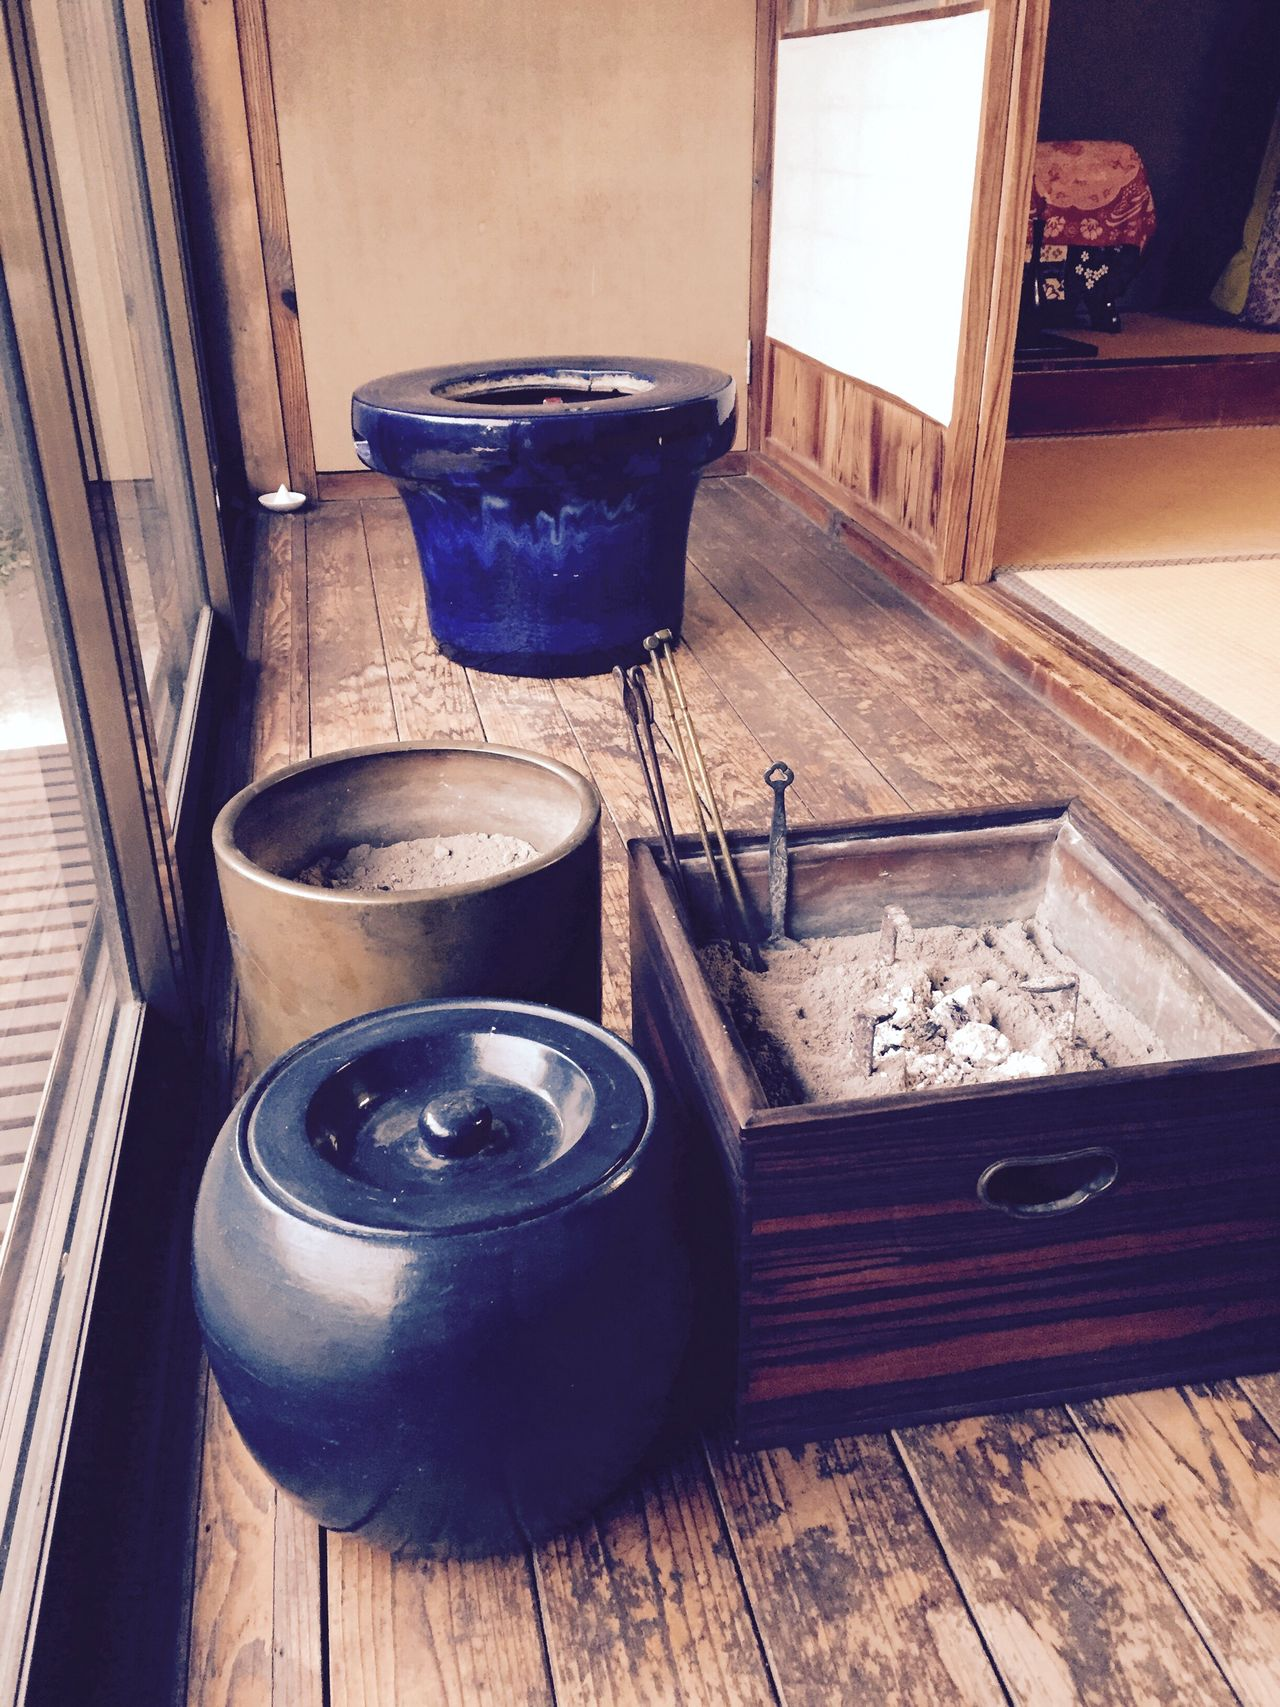 笙を暖めたり、人の心も暖めたり…。 里山 自然 田舎 火鉢 火消し壺 Japan Nature Countryside Brazier Firefighter Pot